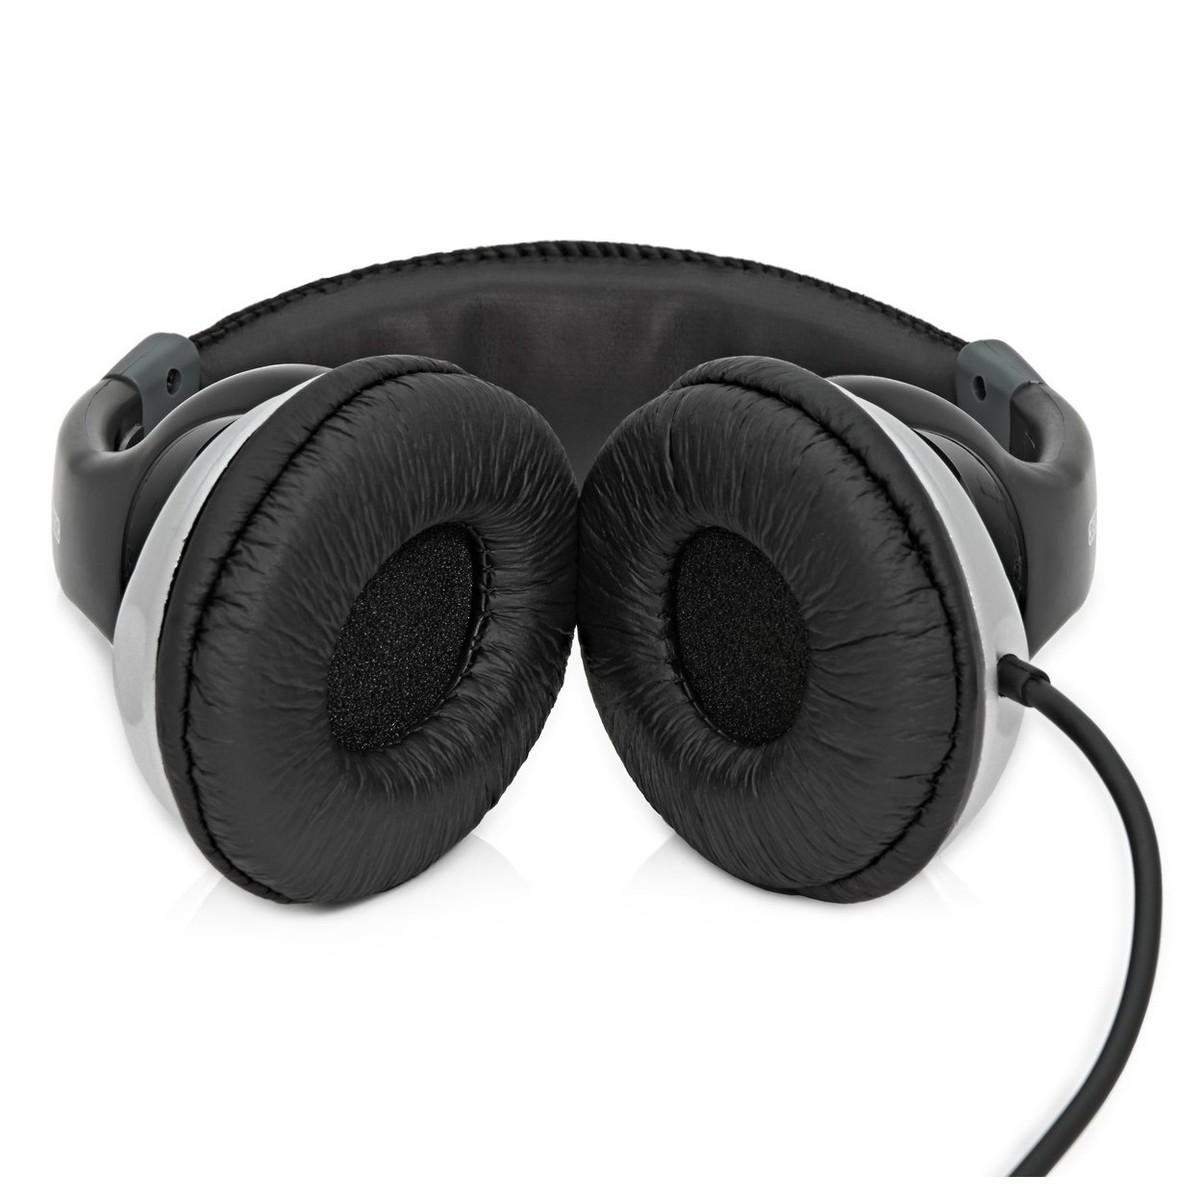 Yamaha MX49 II mit Ständer und Kopfhörer, weiß bei Gear4music